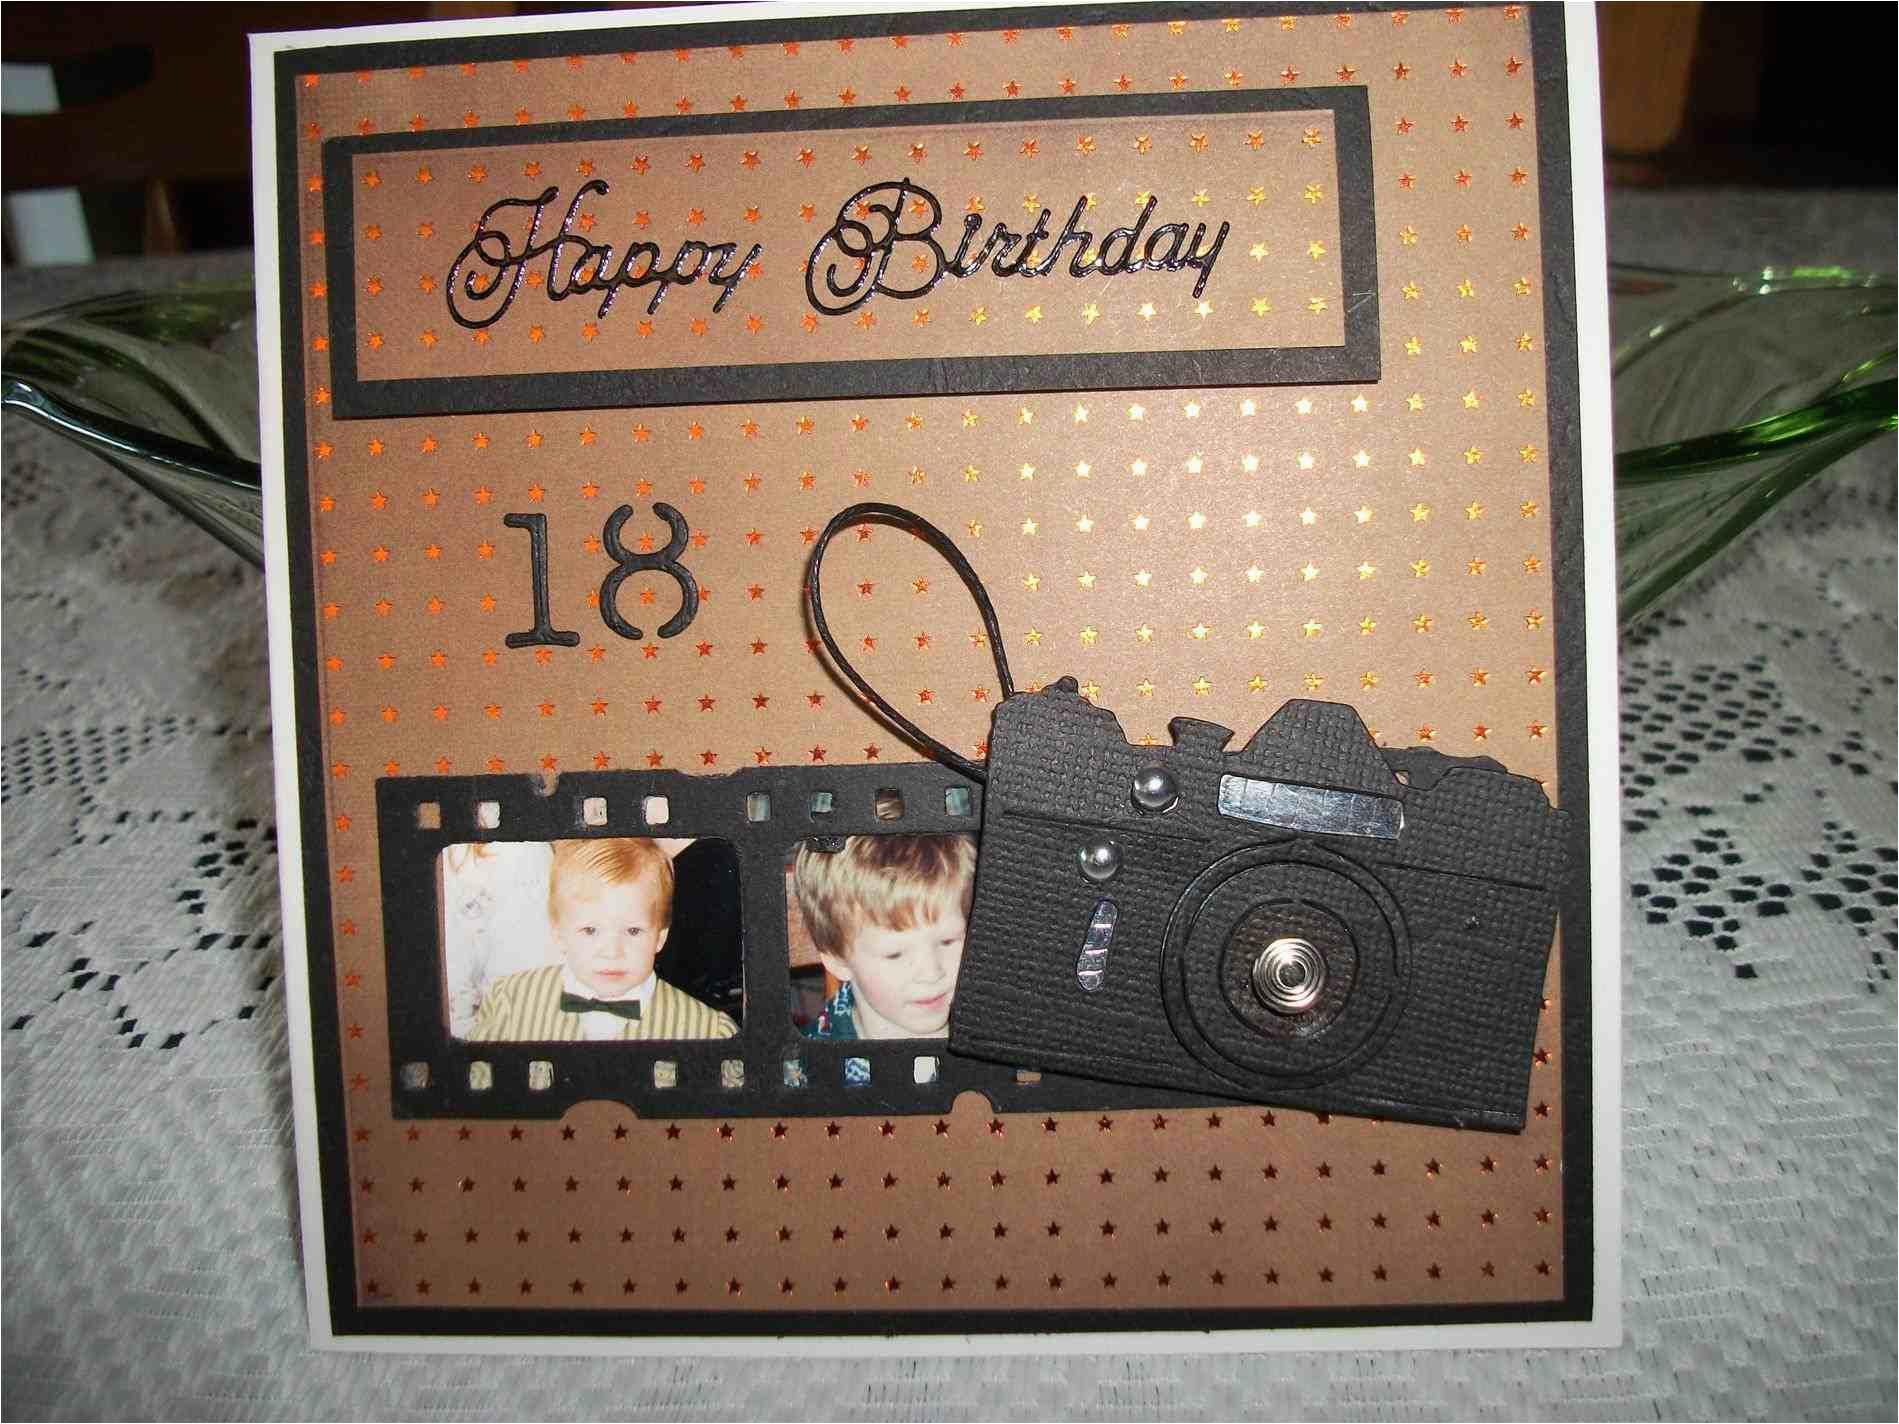 18th birthday gift ideas for boyfriend